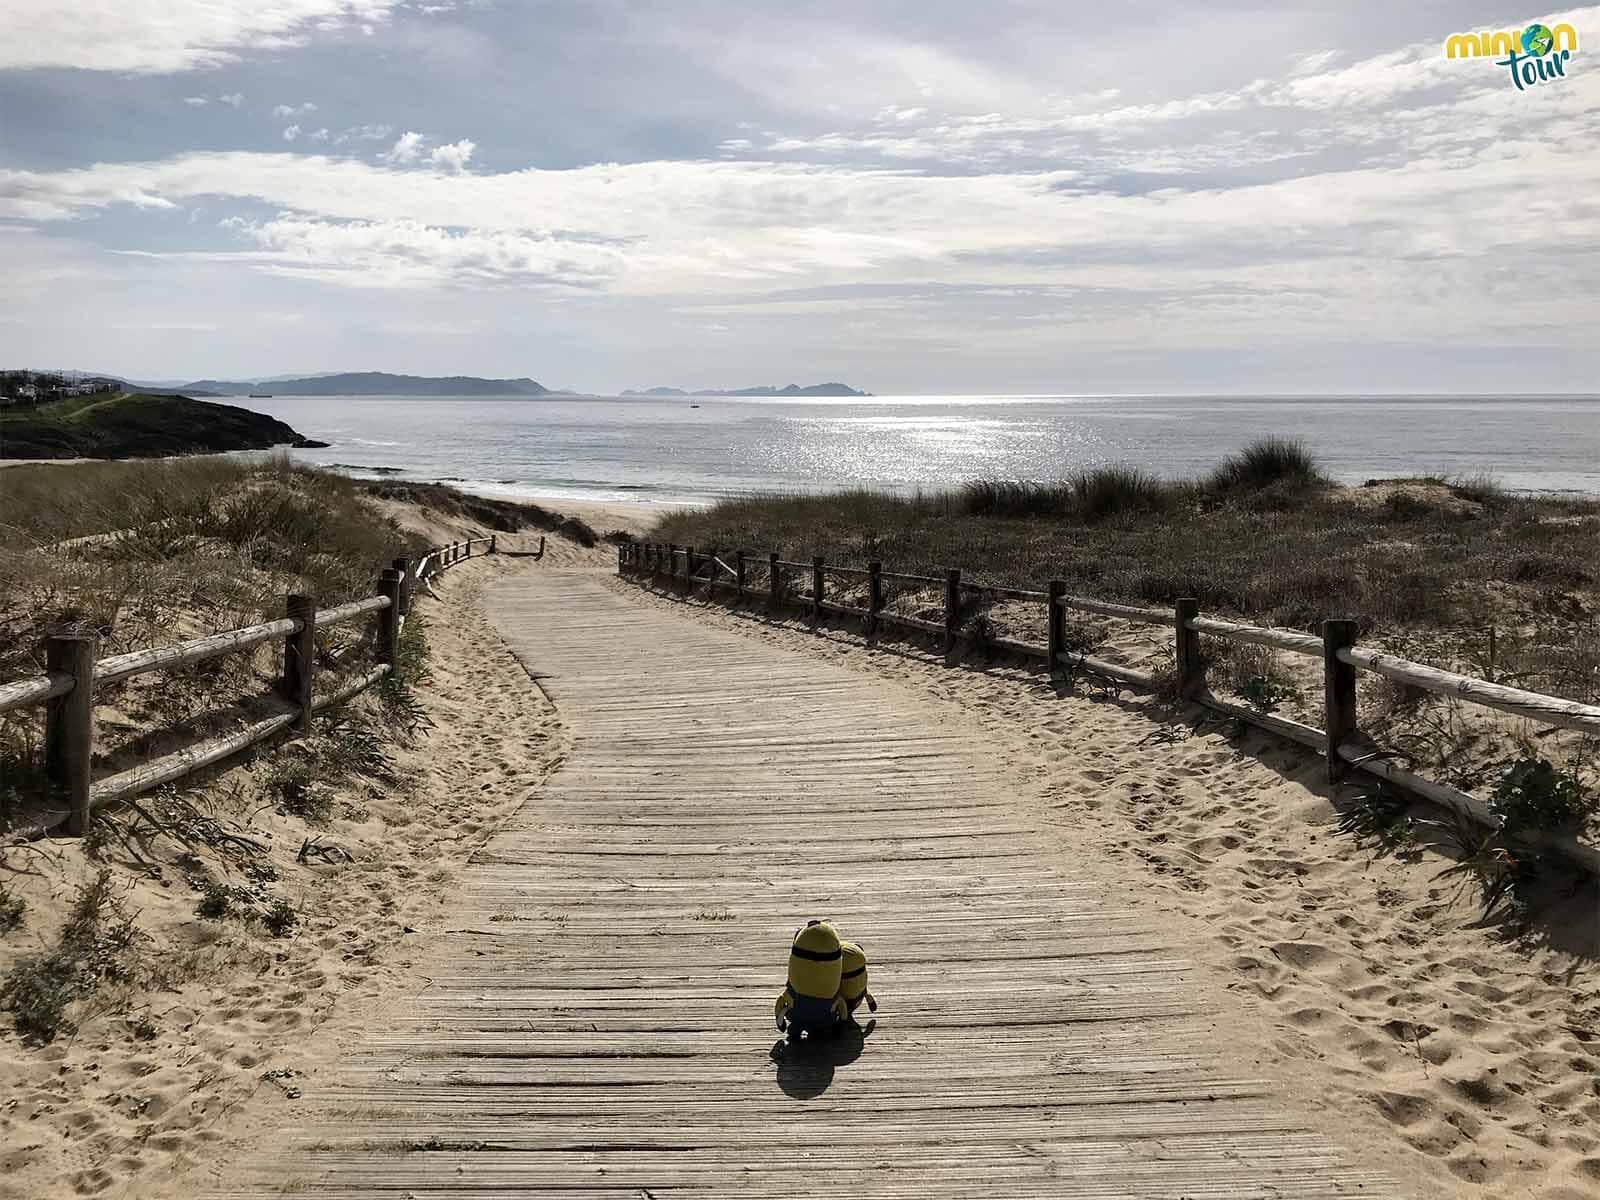 Hoy toca flipar con la Playa de La Lanzada y sus alrededores